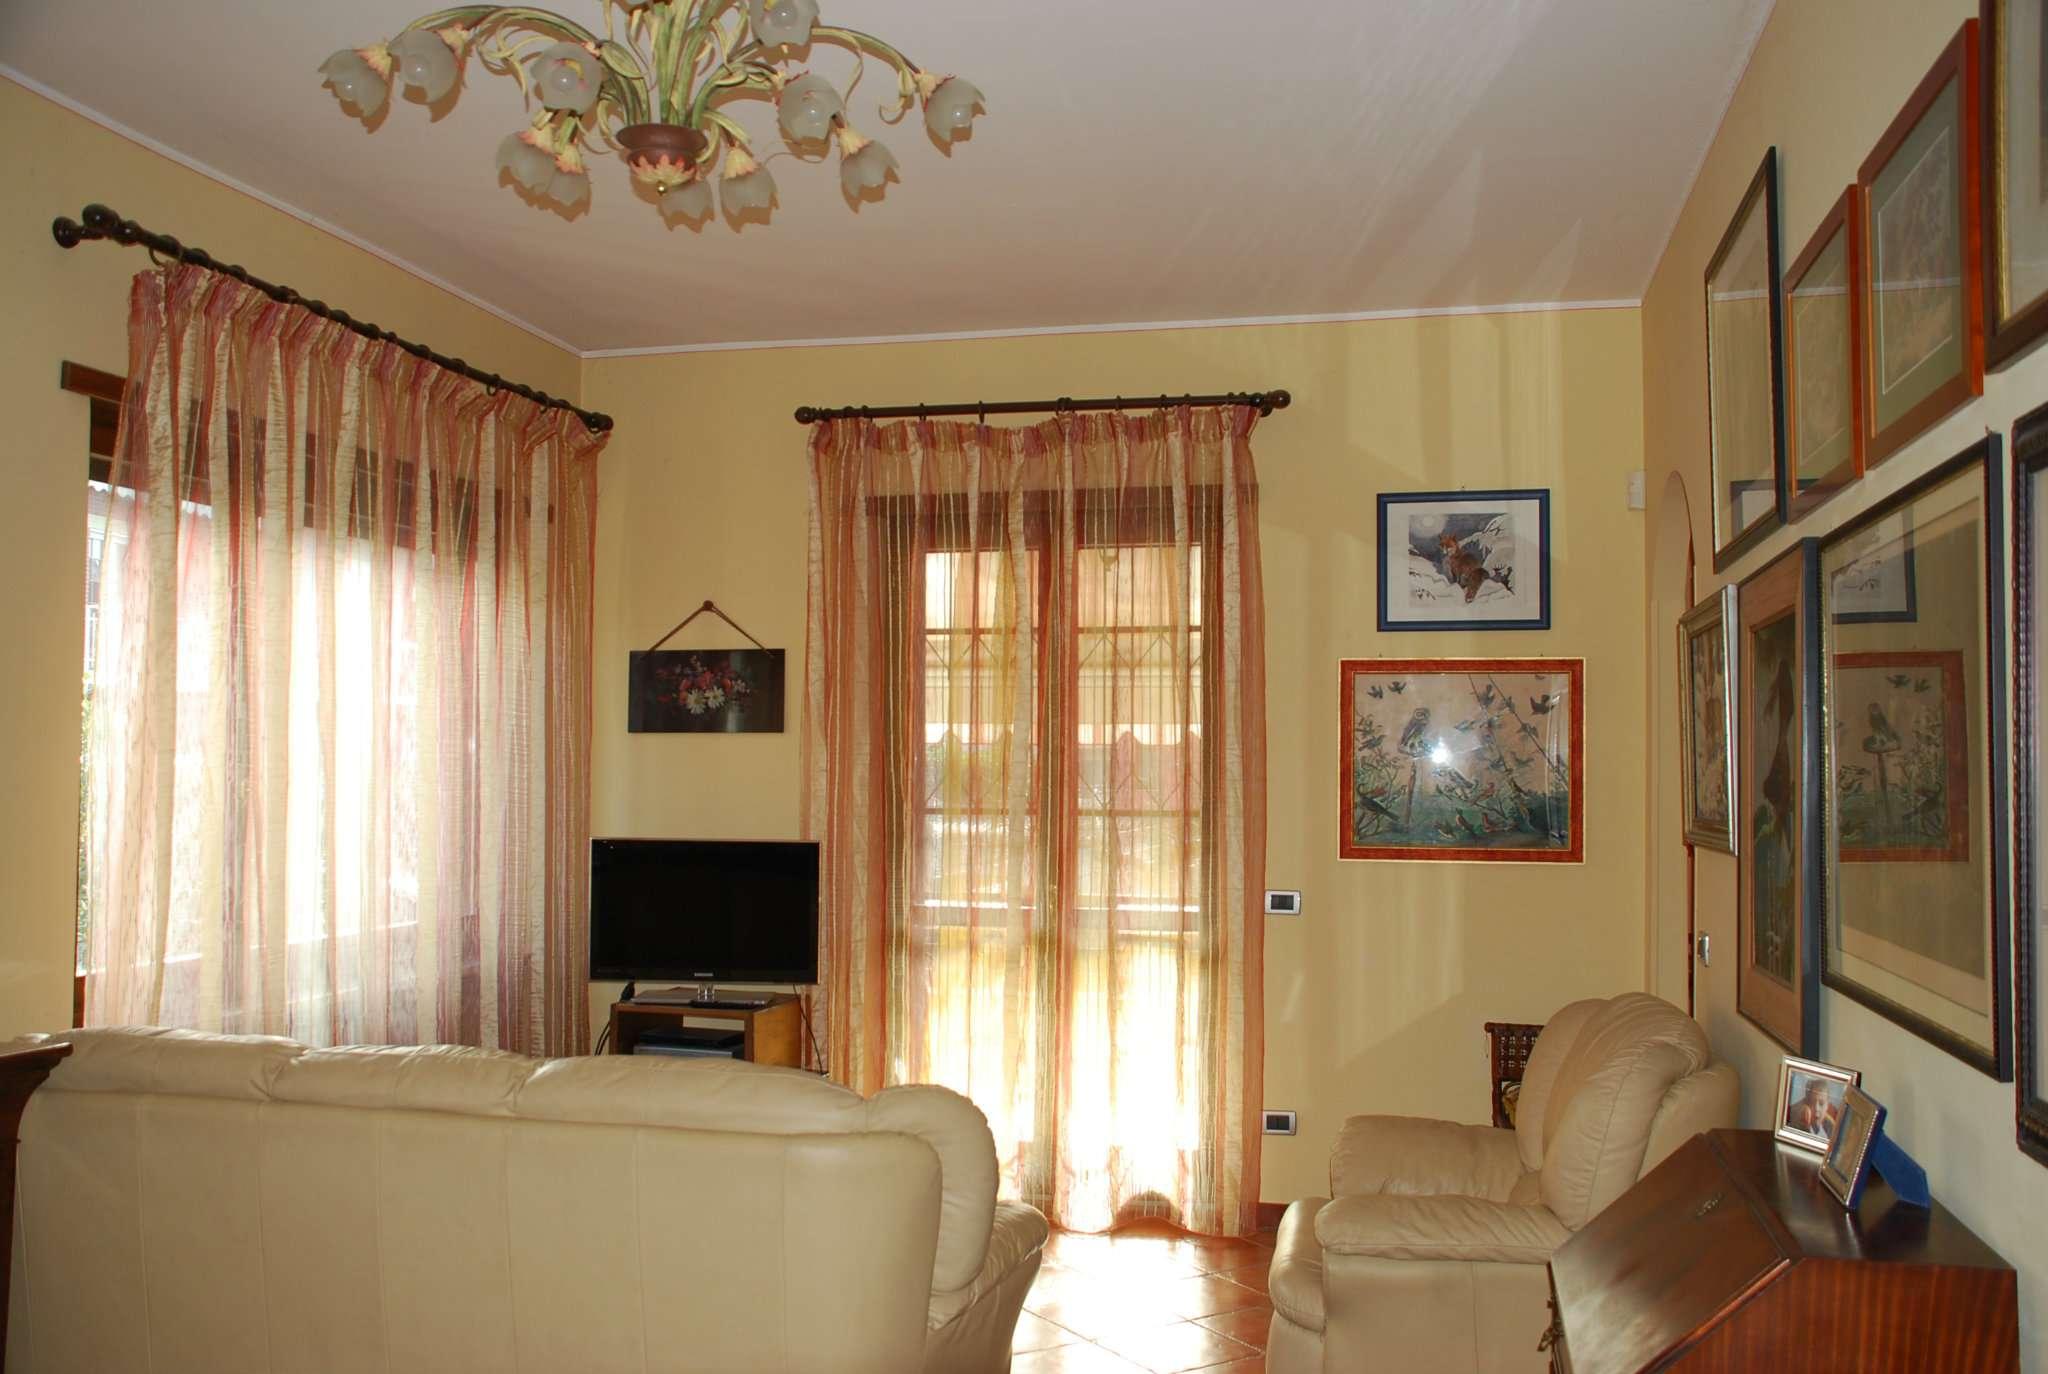 Appartamento in vendita indirizzo su richiesta Vinovo